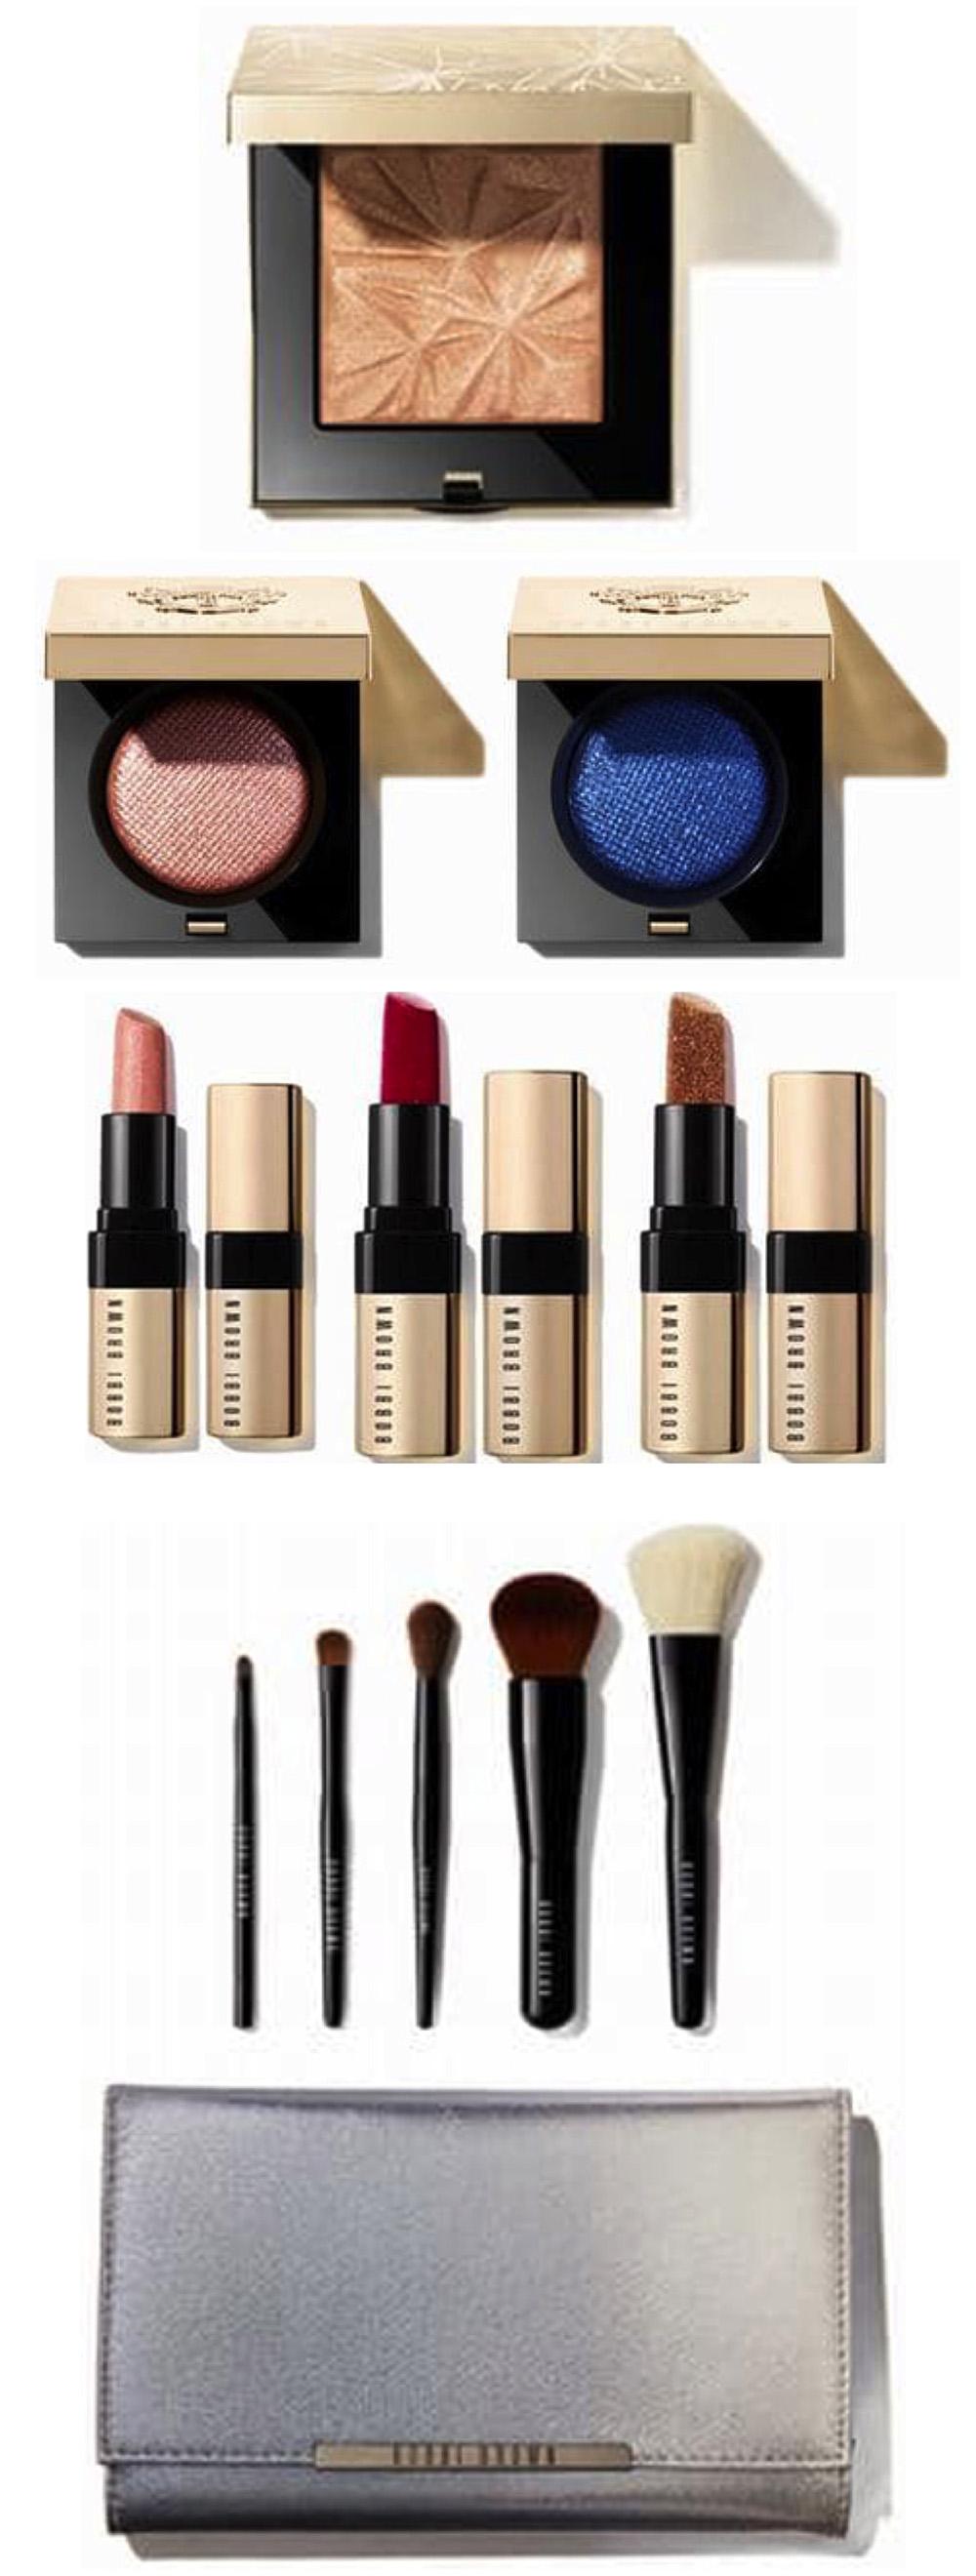 Рождественские коллекции макияжа 2019 - Bobbi Brown Makeup Collection